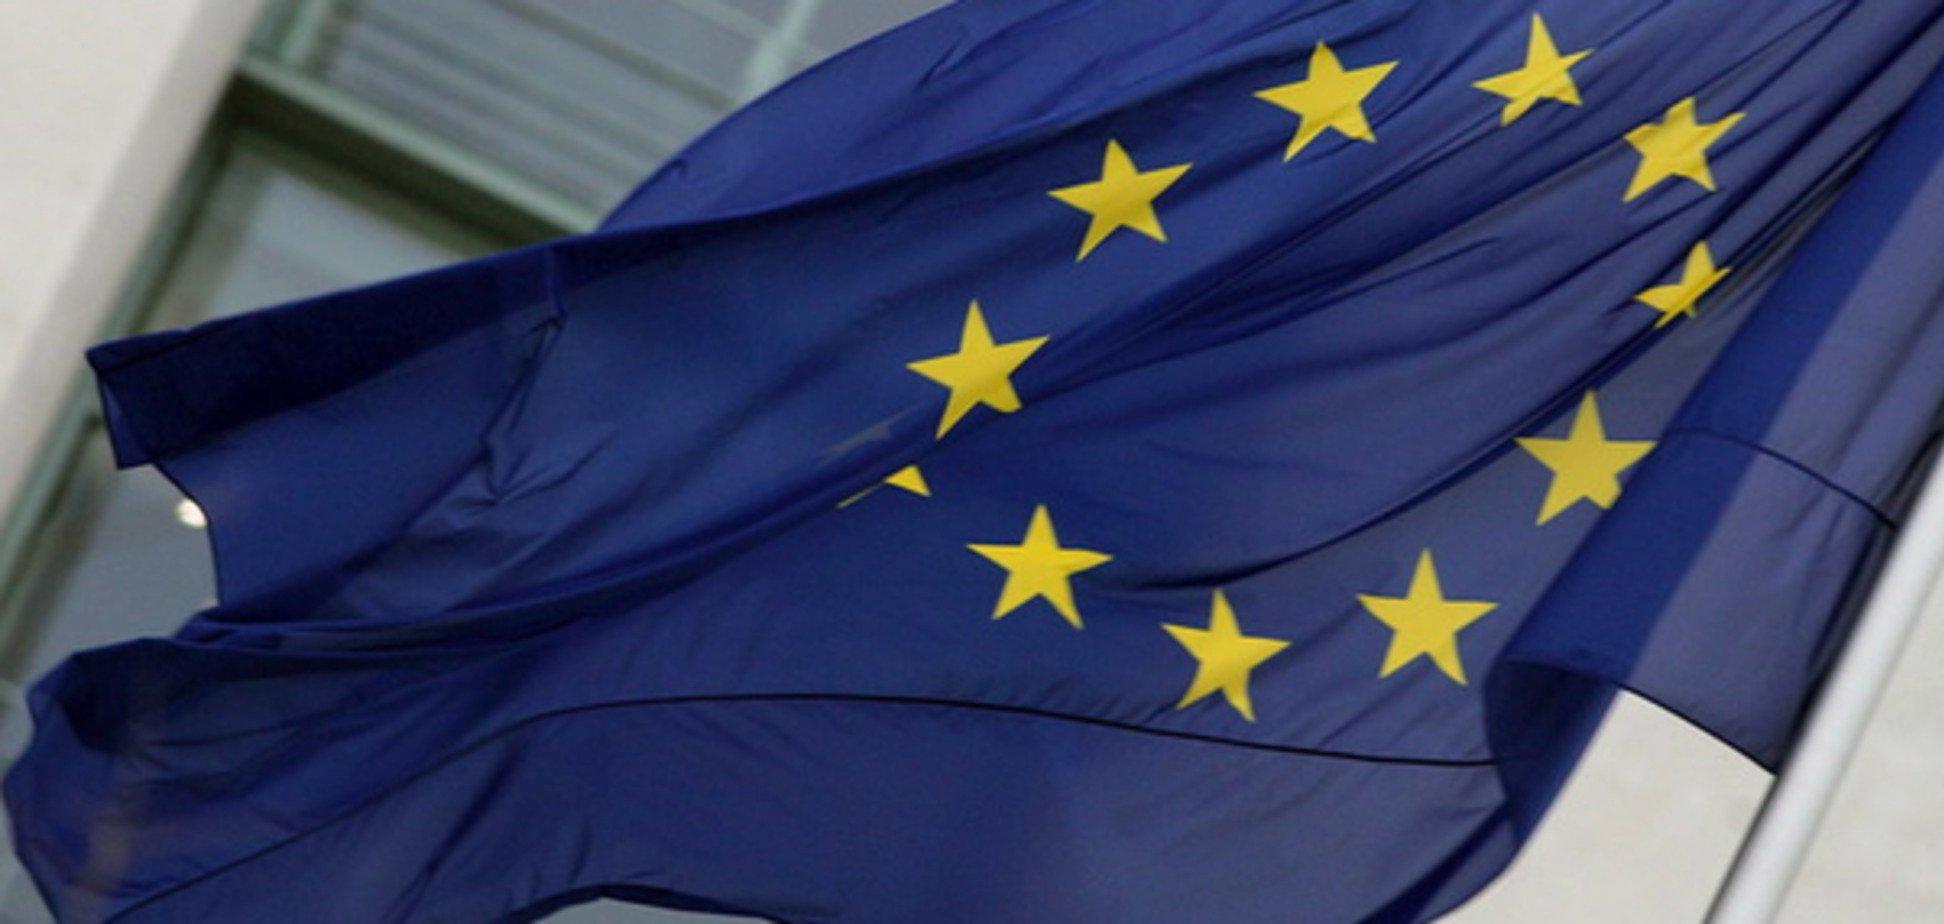 Європарламент попросив керівництво ЄС дати Україні безвізовий режим